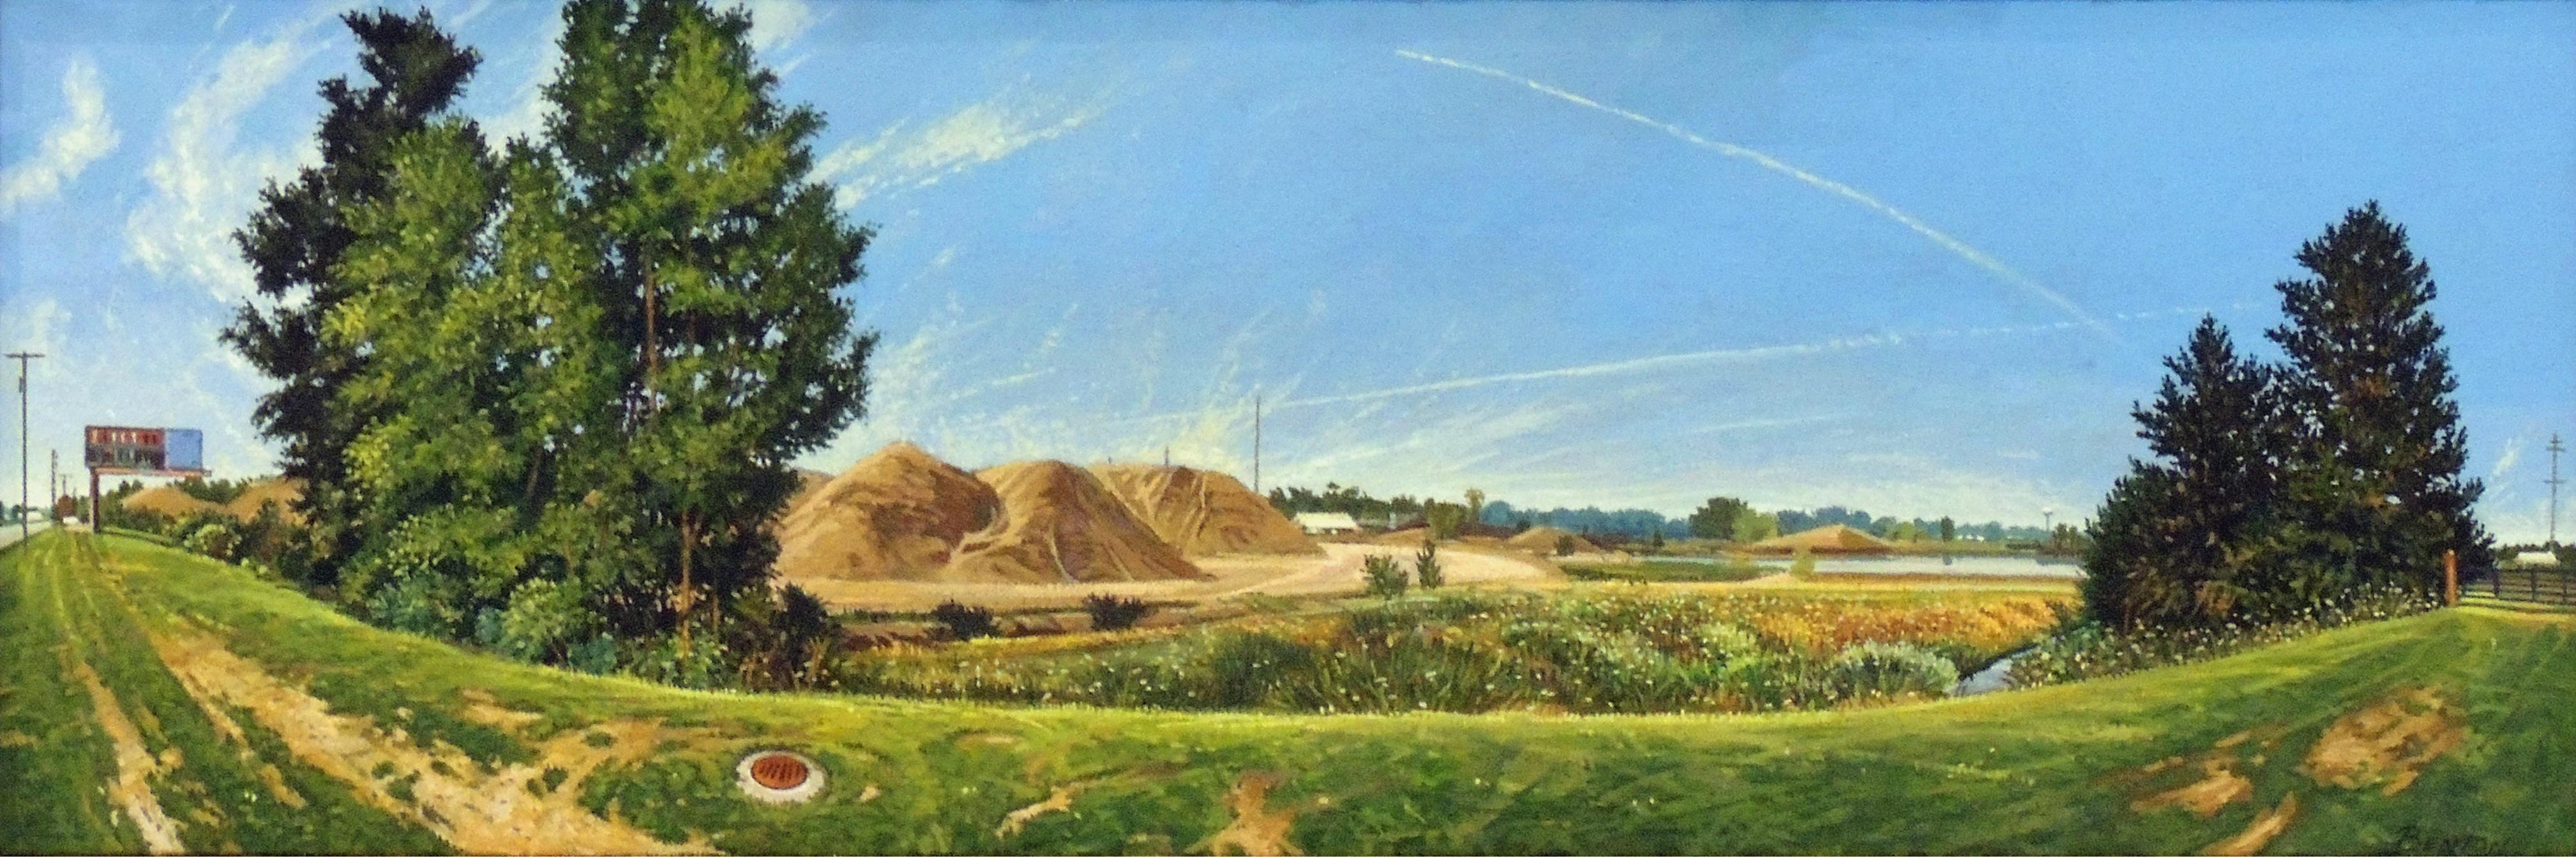 John Benton | EARLY SUNDAY MORNING | oil on canvas